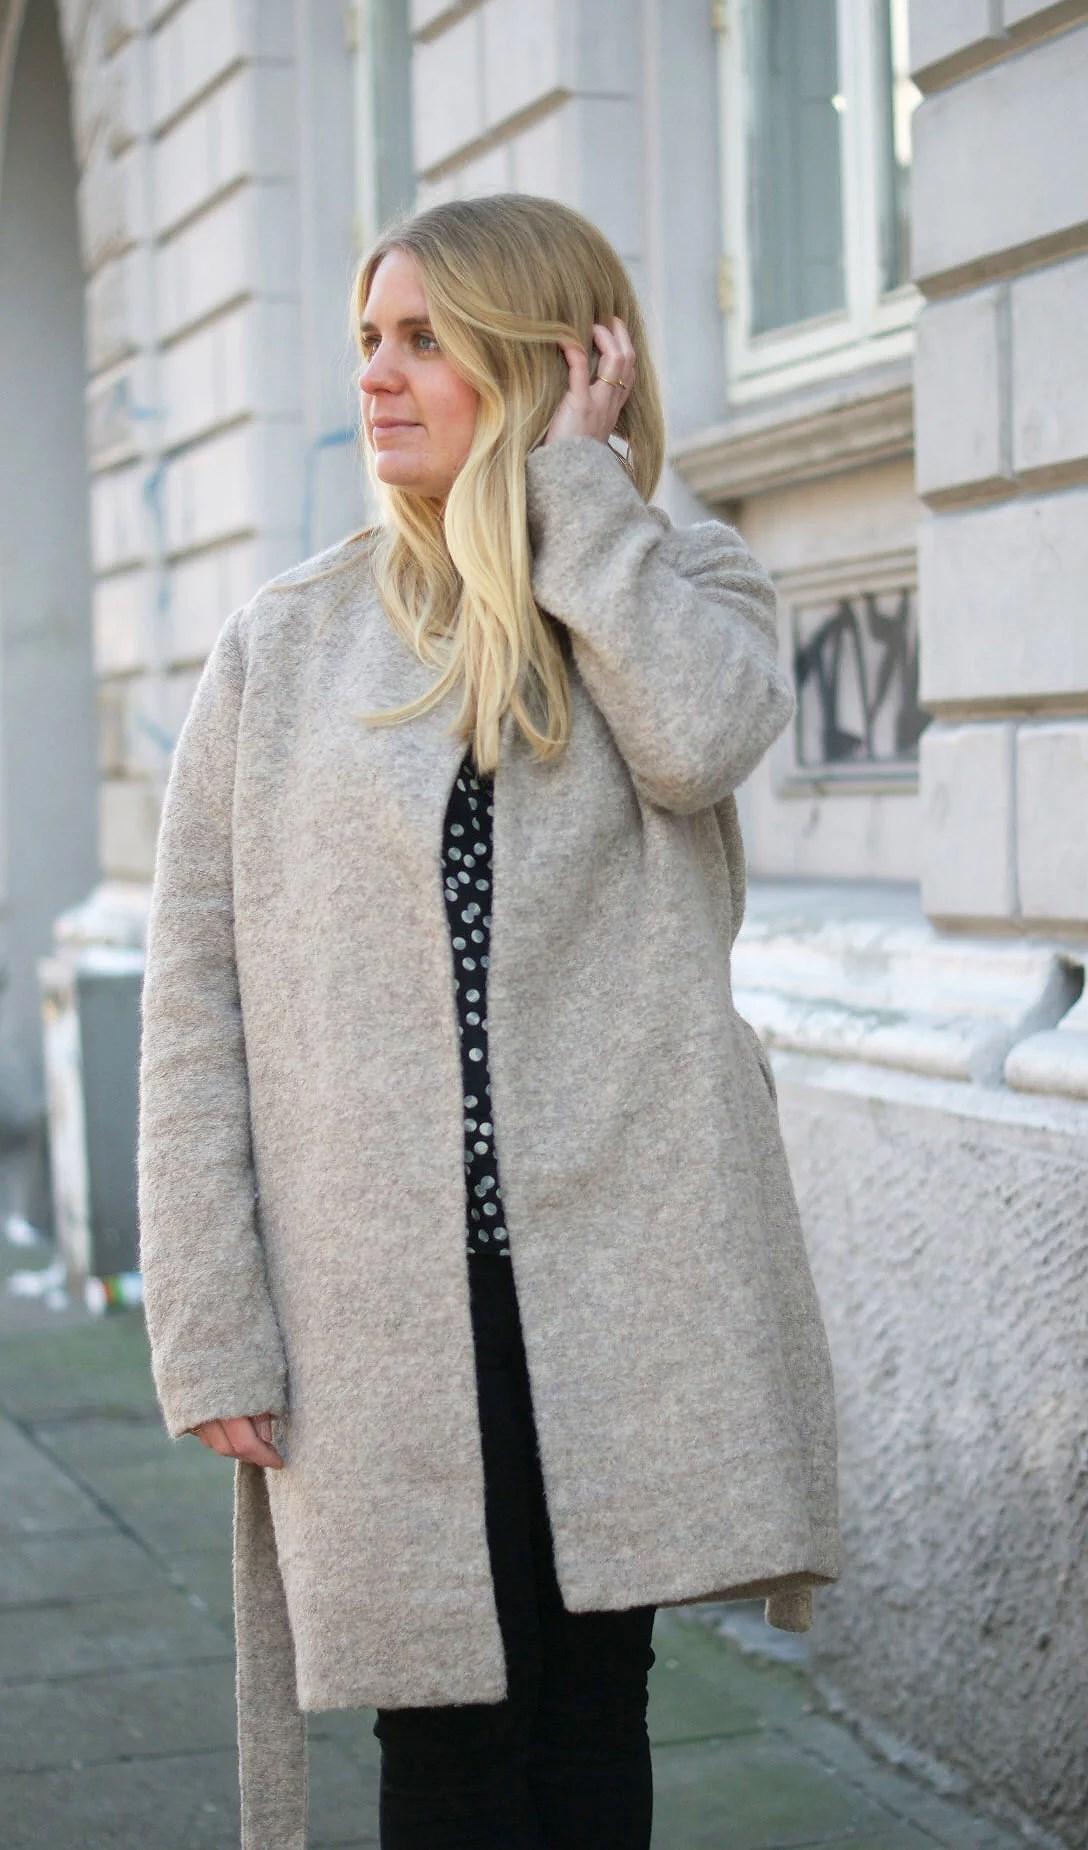 Modeblogger, Dansk modeblog, Second Female, Second female coat, Kamelfrakke, Etc Etc, Etc Etc prikker, Dansk modeblog, It's My Passions, Julie Mænnchen, Aalborg blog, Aalborg blogger